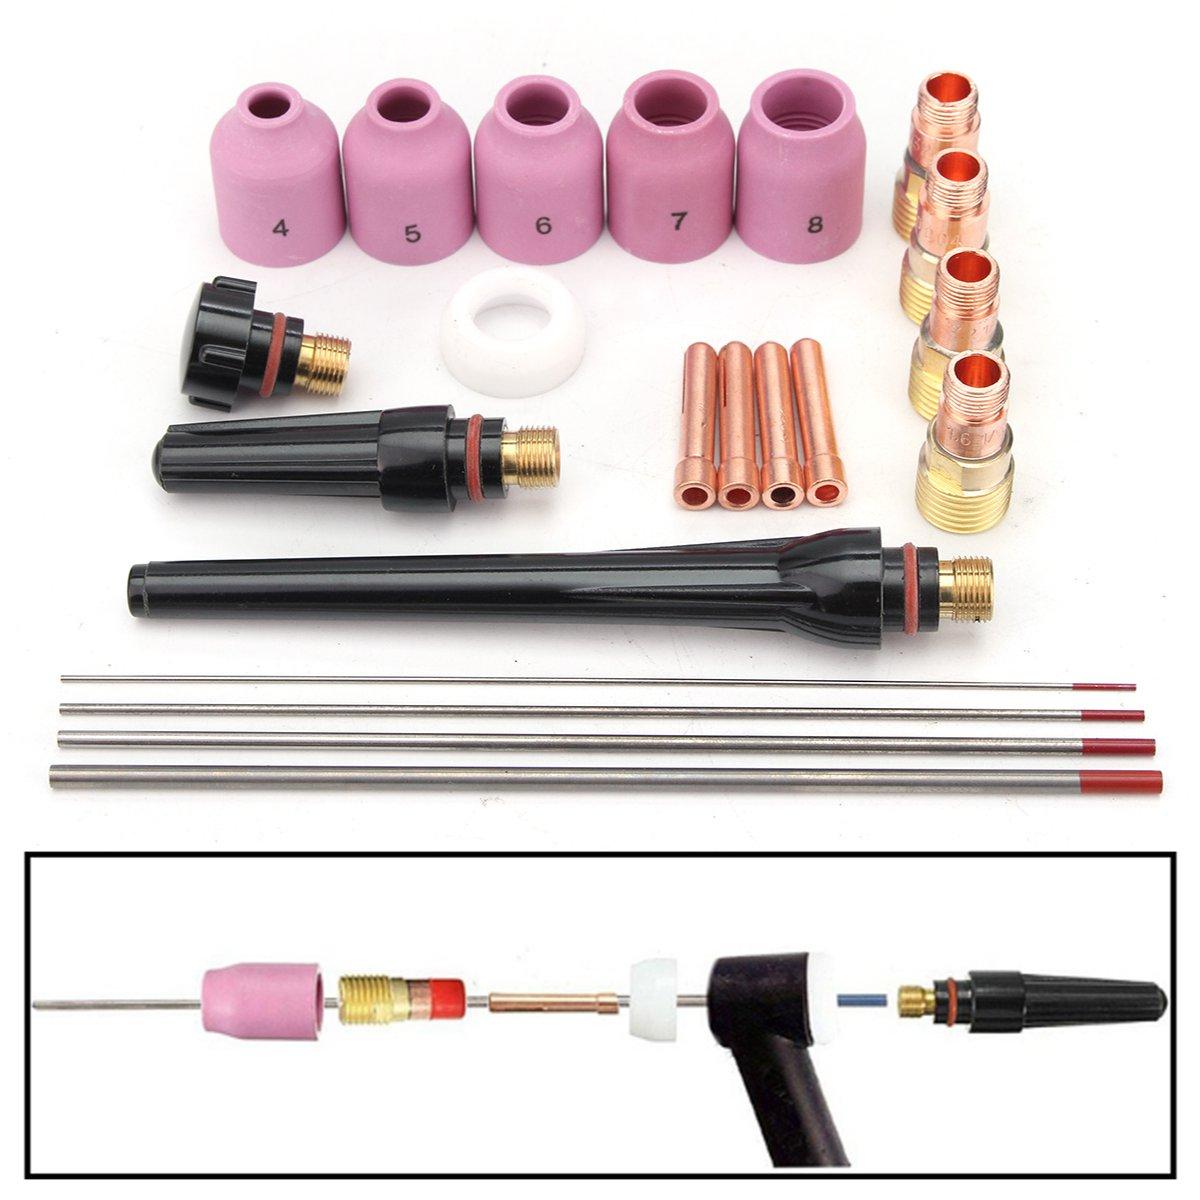 Werkzeuge 21 Teile/satz Wig-schweißbrenner Stubby Gas Objektiv Pyrex Wt20 Serie Werkzeug Für Tig Wp-17/18/26 MöChten Sie Einheimische Chinesische Produkte Kaufen?